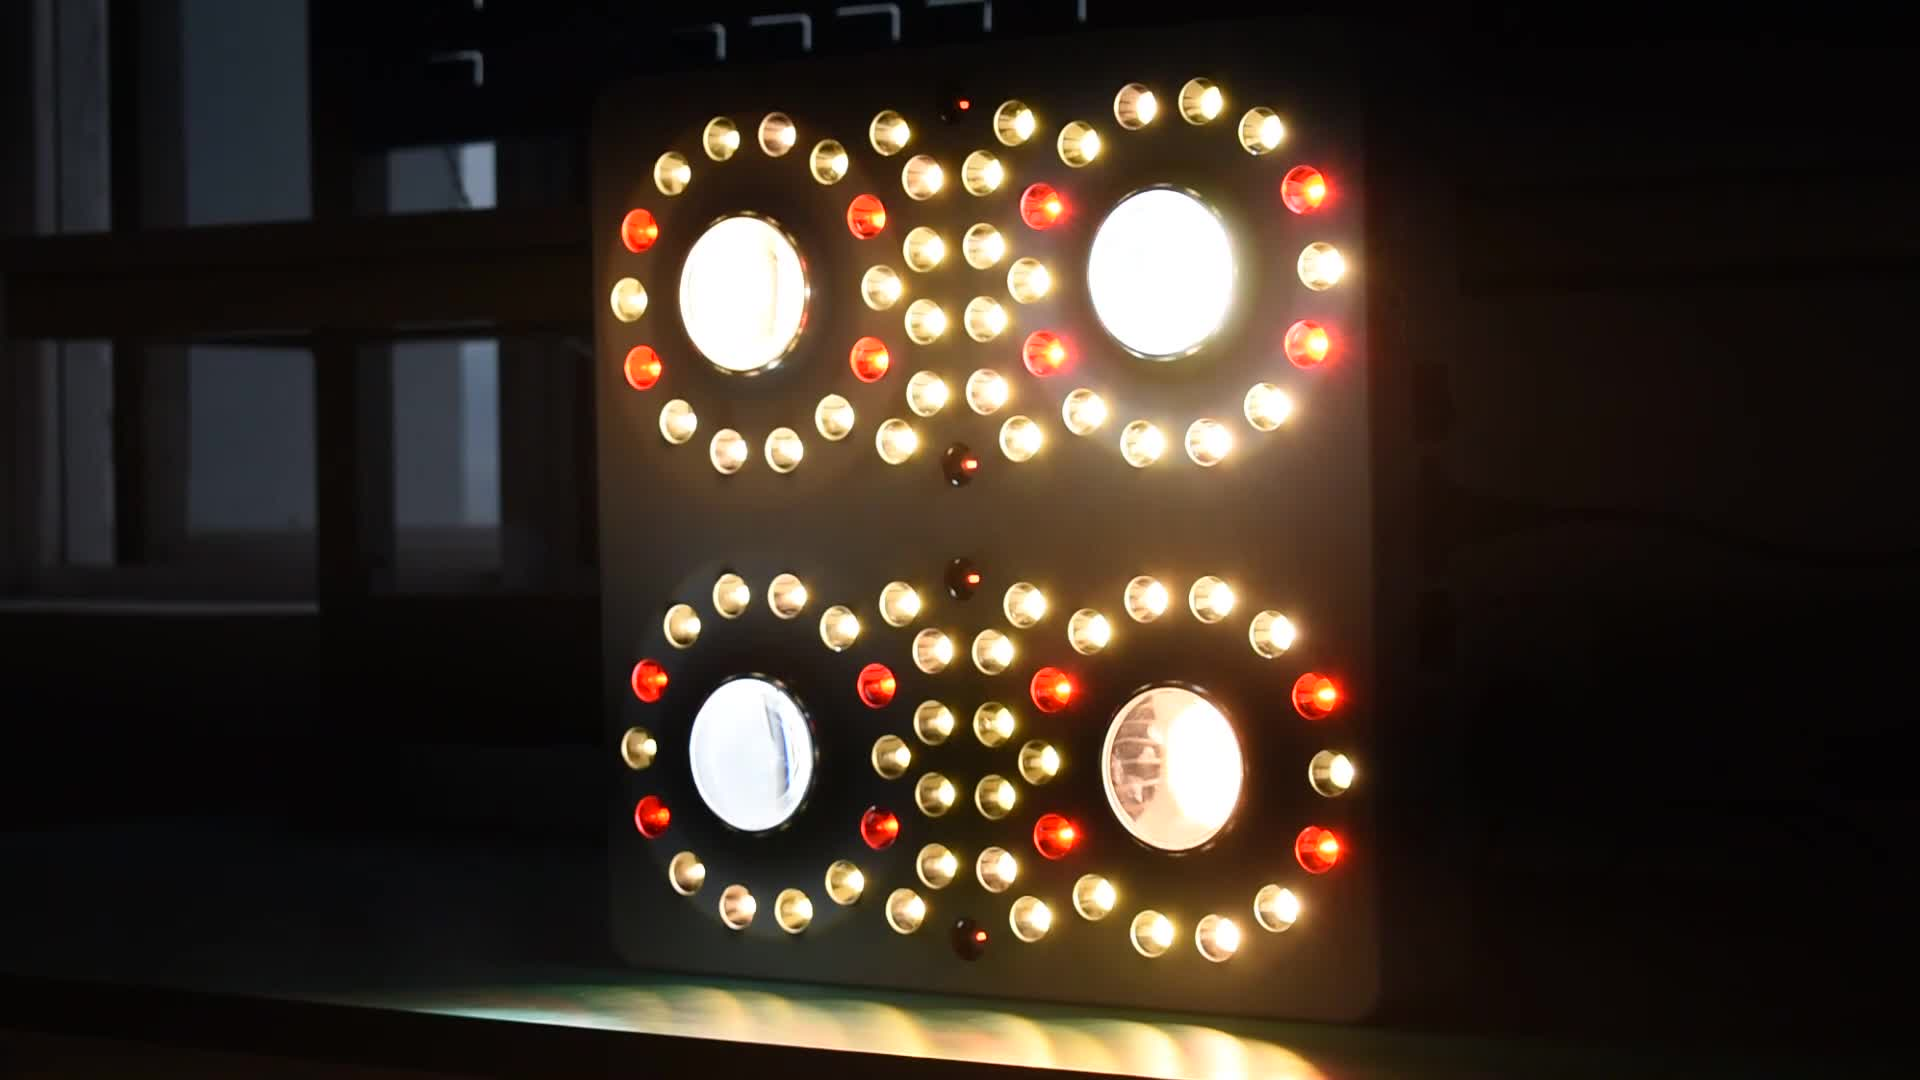 Nuevo hidropónica de espectro completo de la lámpara led cob led crecer luz de la planta 2000W Luz de planta de interior casa verde